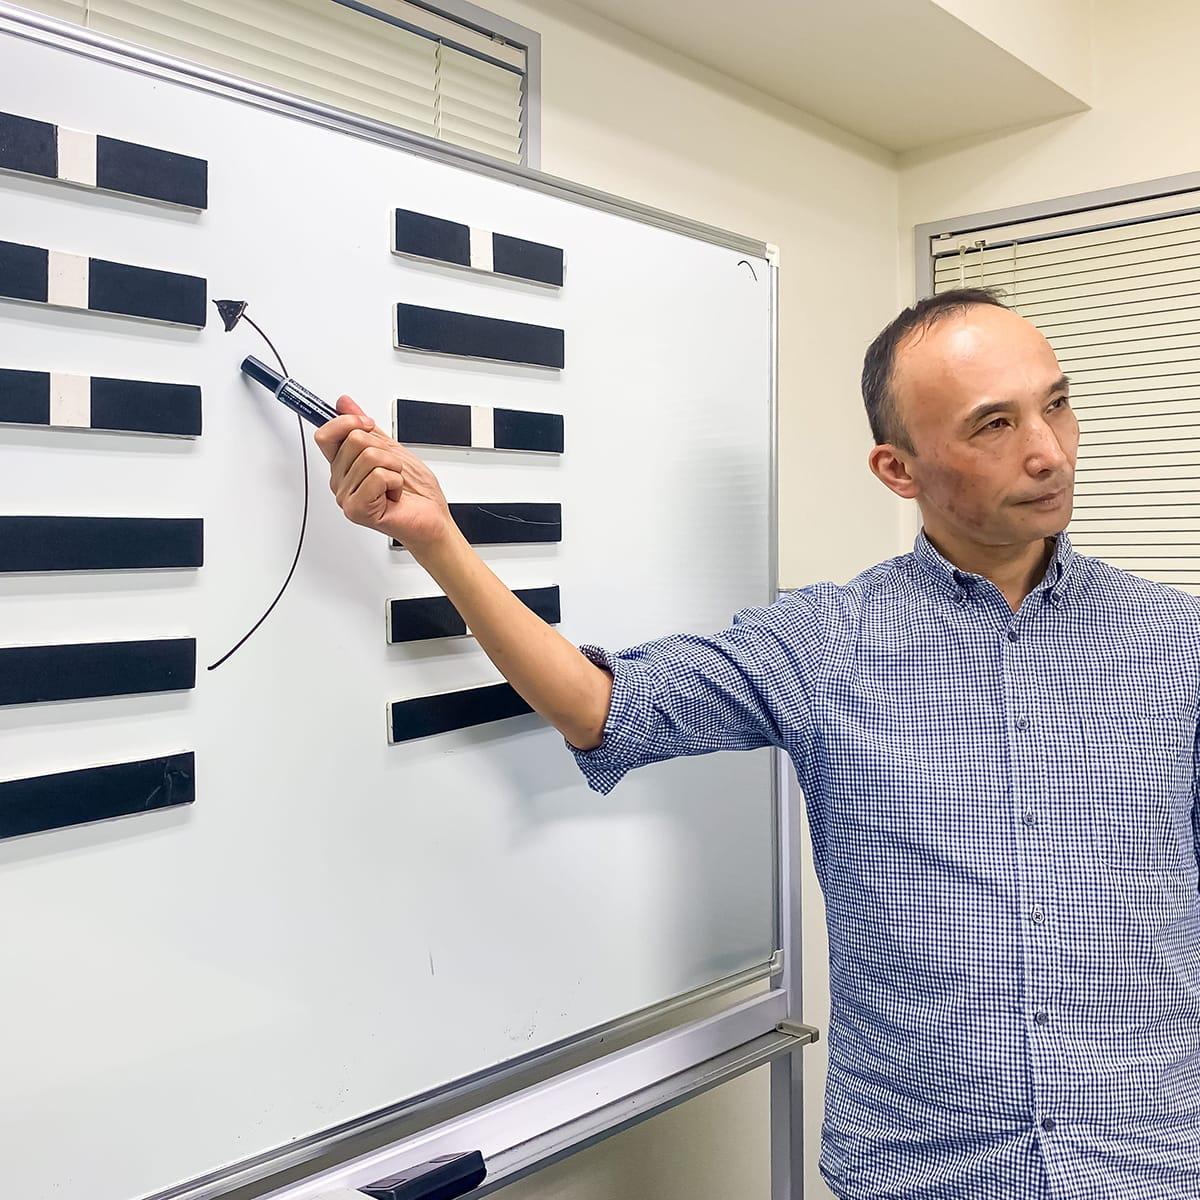 アルカノン・セミナーズ 講師画像 鎌崎拓洋